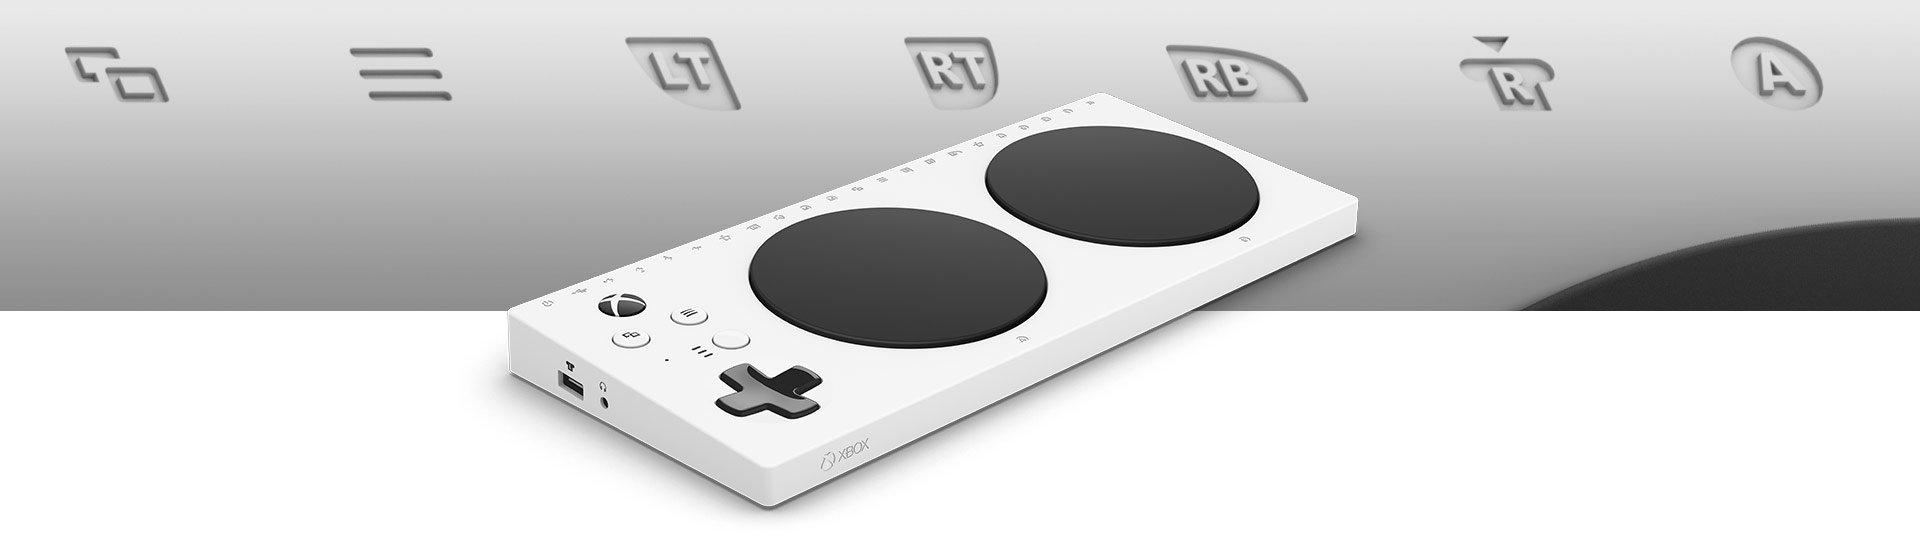 Poprawa responsywności z pewnością będzie kluczowa dla graczy korzystających z Xbox Adaptive Controller